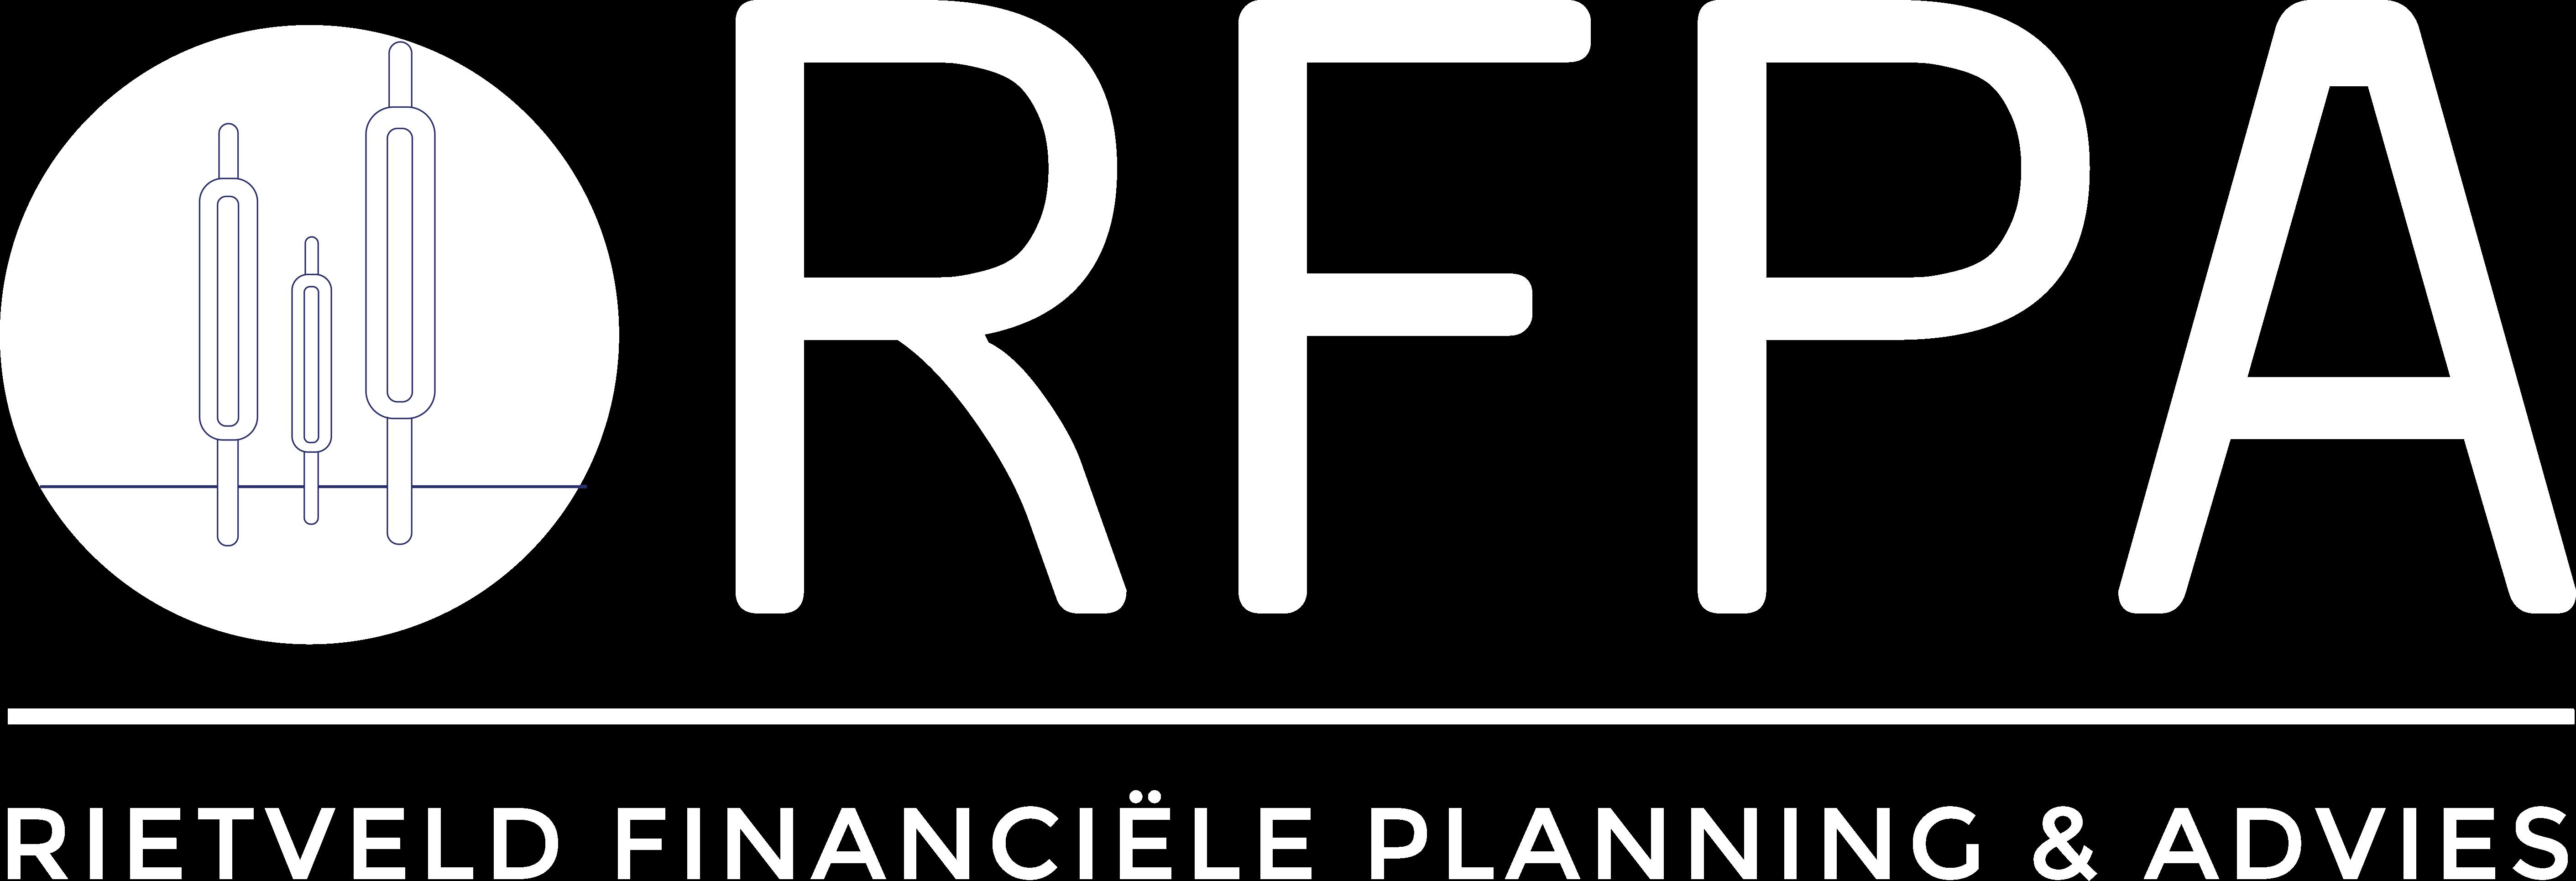 logopng - Overdracht van onderneming regelen